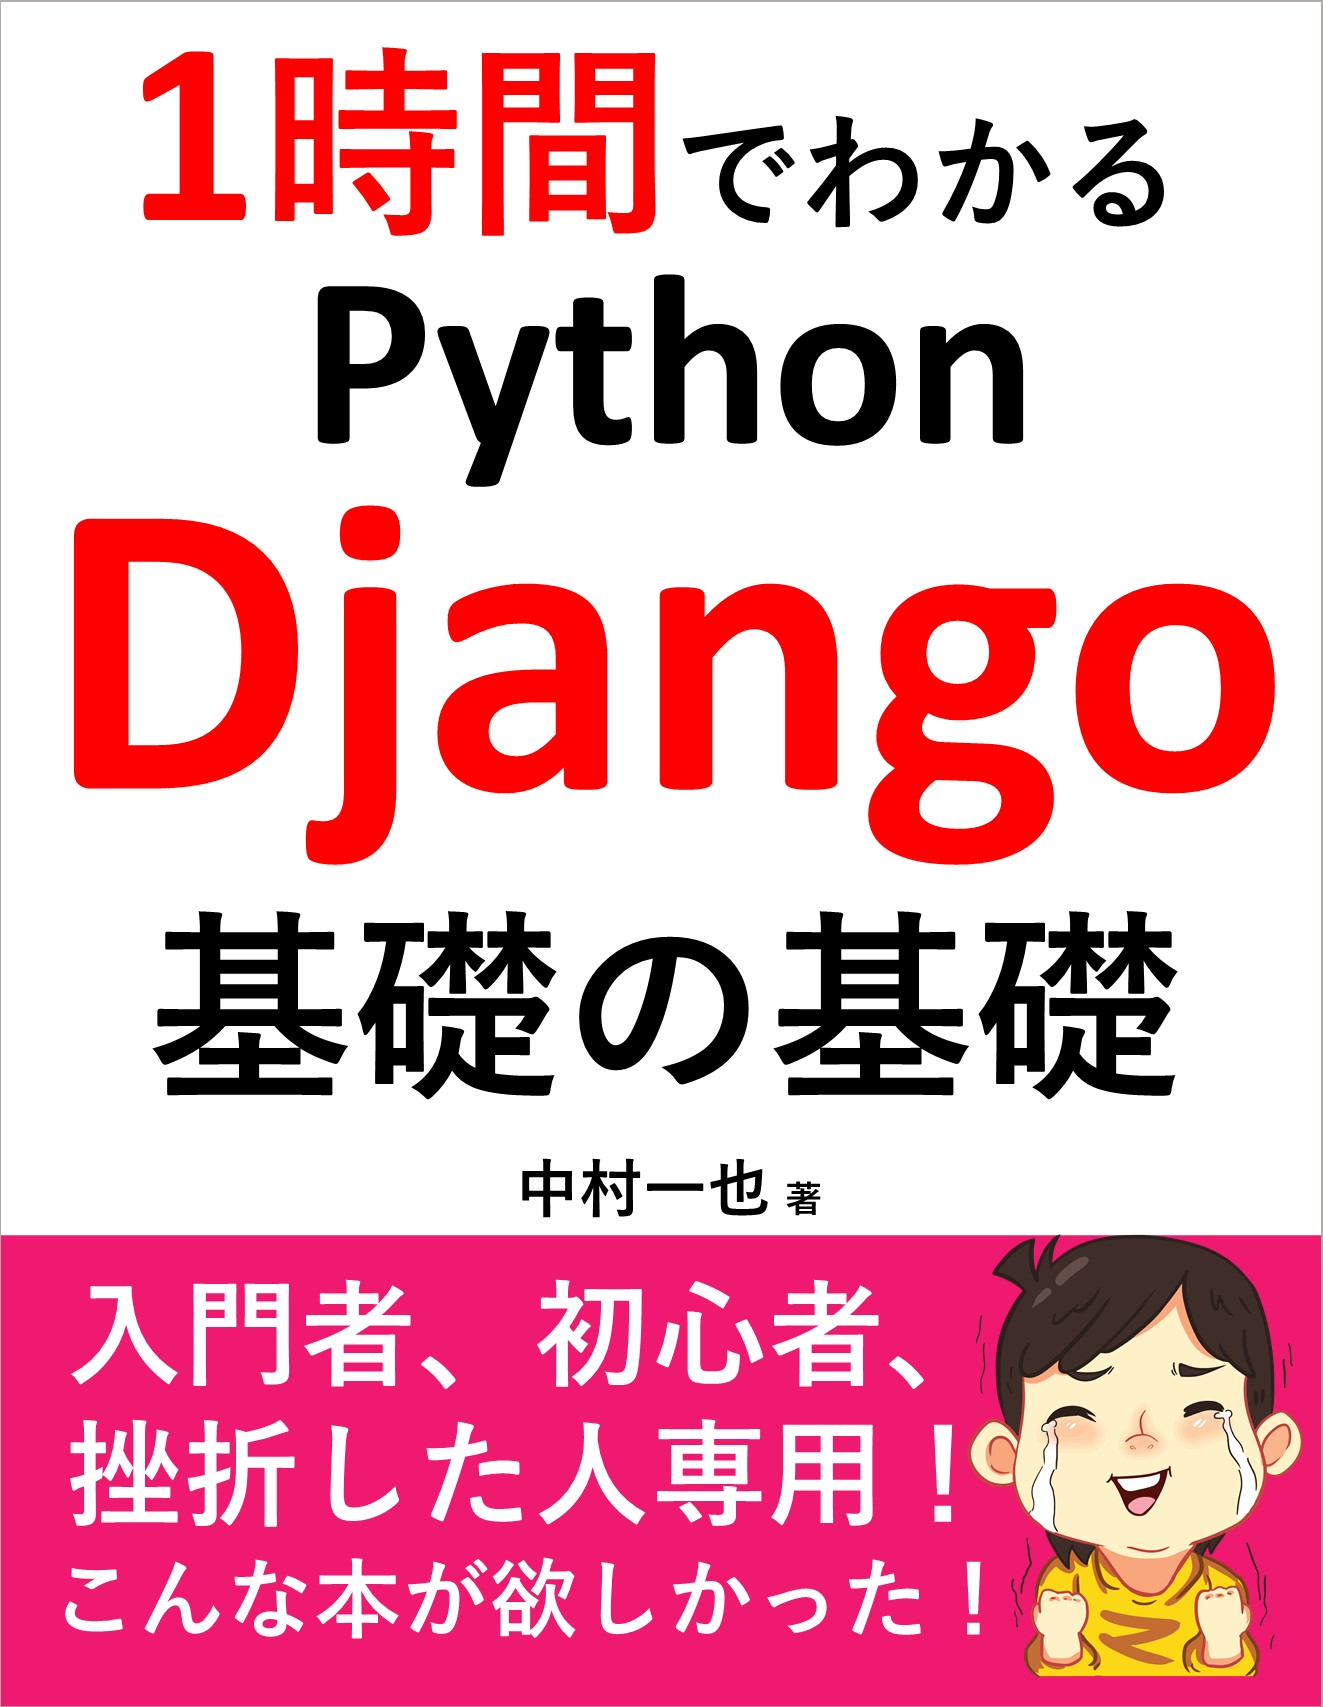 【サポートページ】1時間でわかるPython Django基礎の基礎